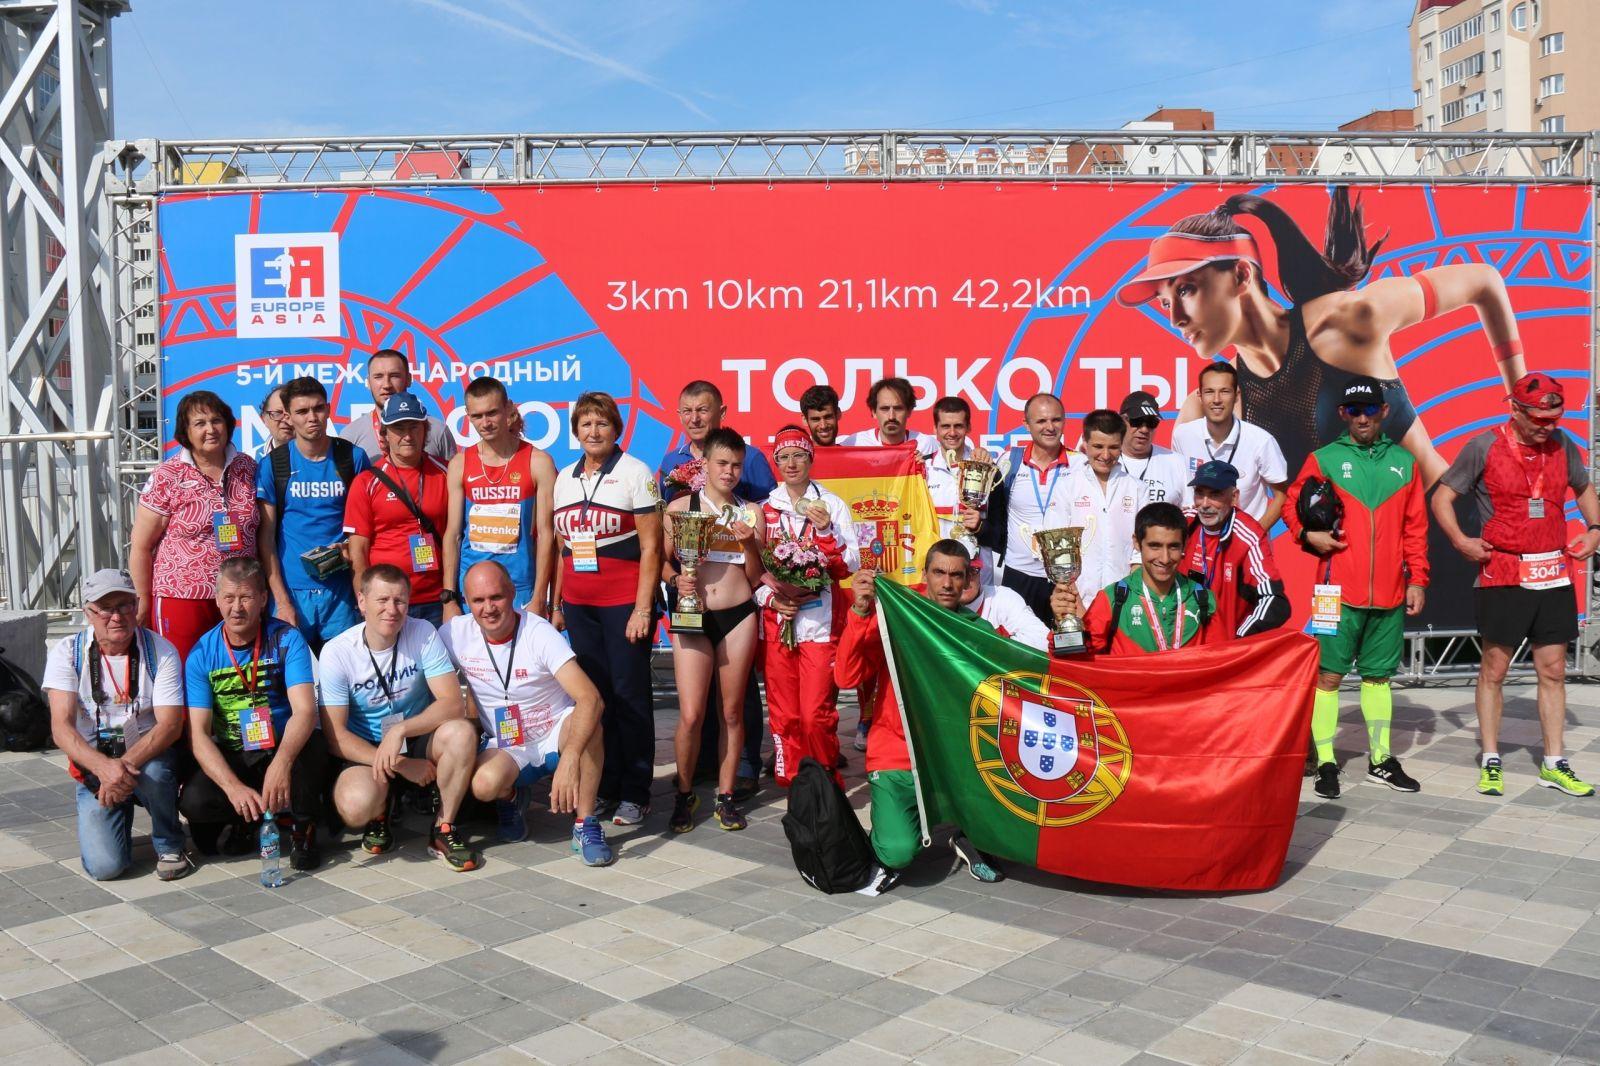 В Свердловской области завершились чемпионат Европы и чемпионат России по легкой атлетике (дисциплина полумарафон) спорта лиц с ИН